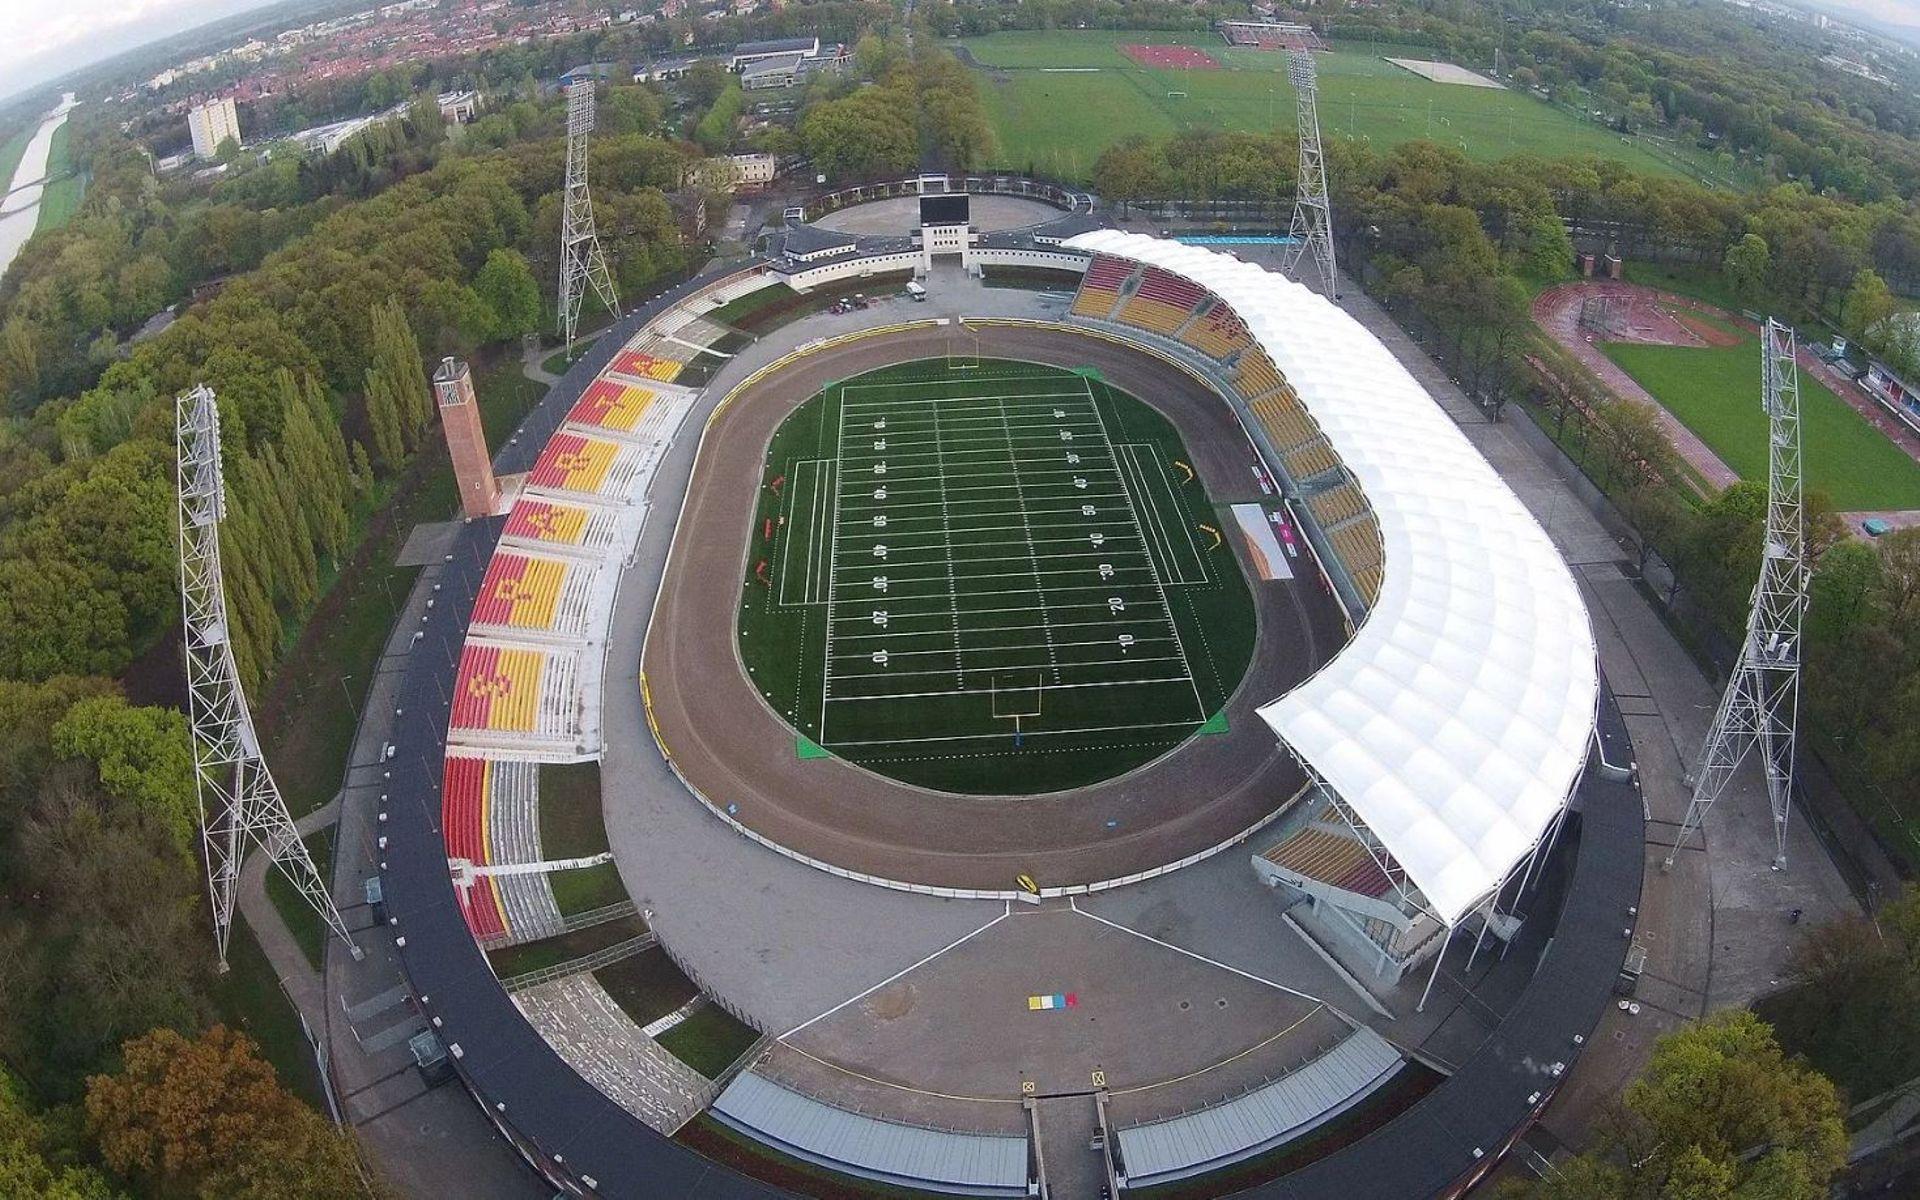 Wykryto kolejne usterki na Stadionie Olimpijskim we Wrocławiu